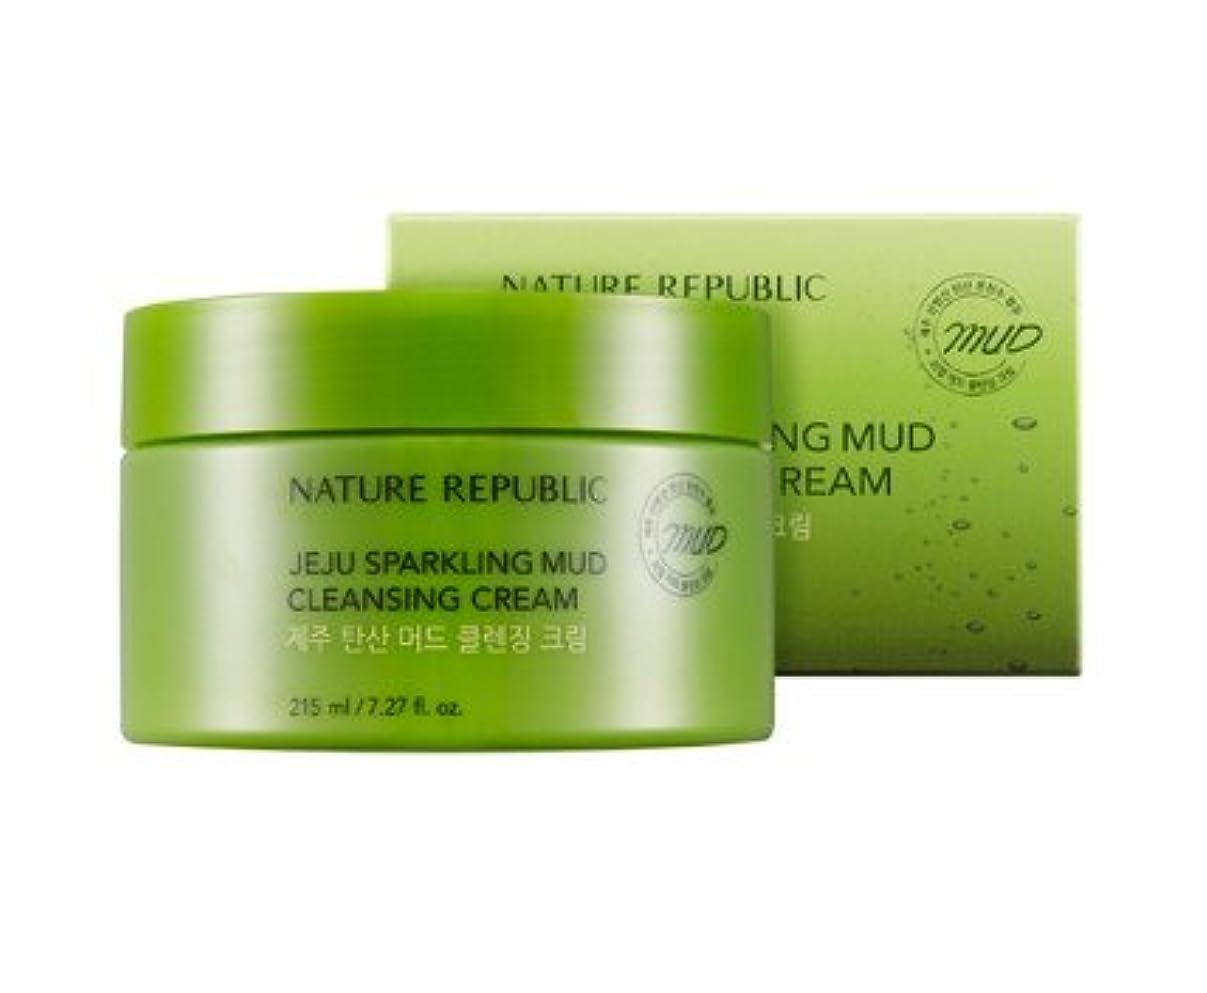 エミュレーション専門用語よろめくNature republic Jeju Sparkling Mud Cleansing Cream ネイチャーリパブリック チェジュ炭酸マッド クレンジングクリーム 215ML [並行輸入品]